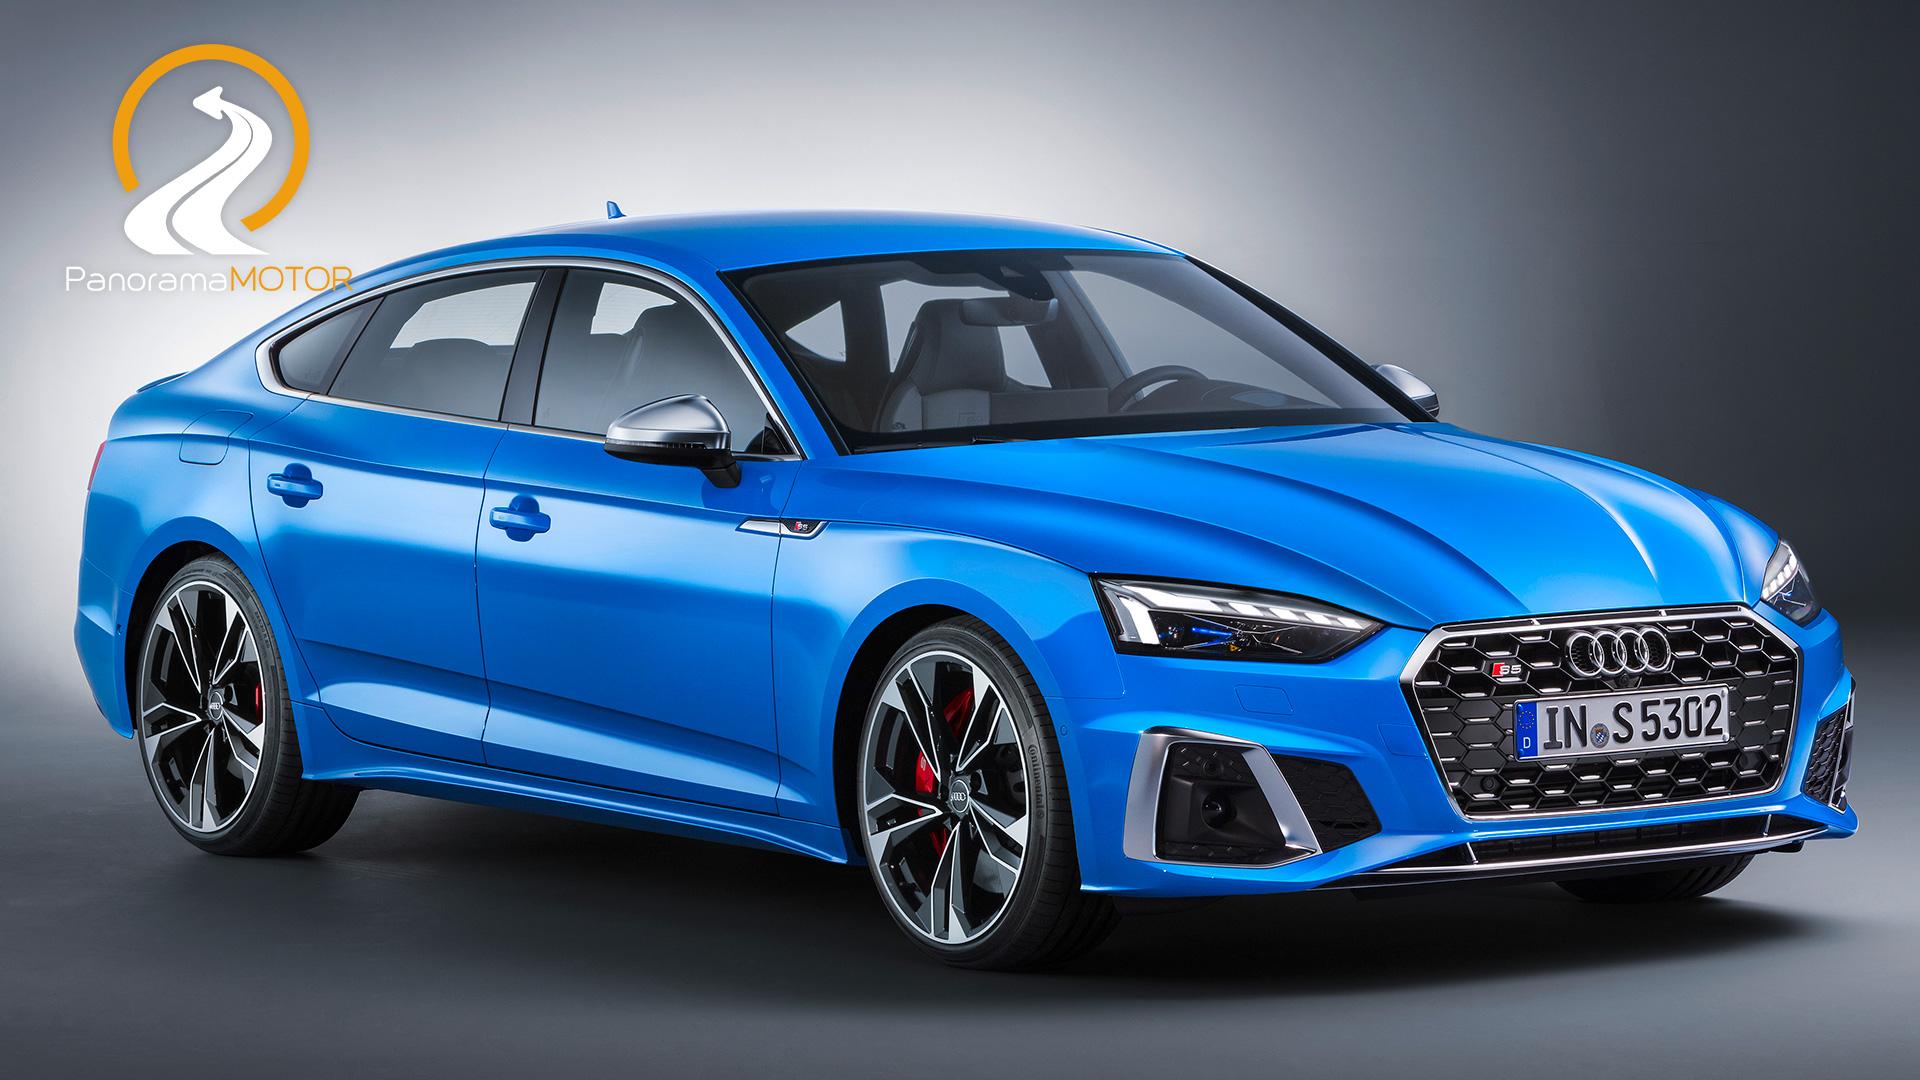 2020 Audi S5 Wallpaper